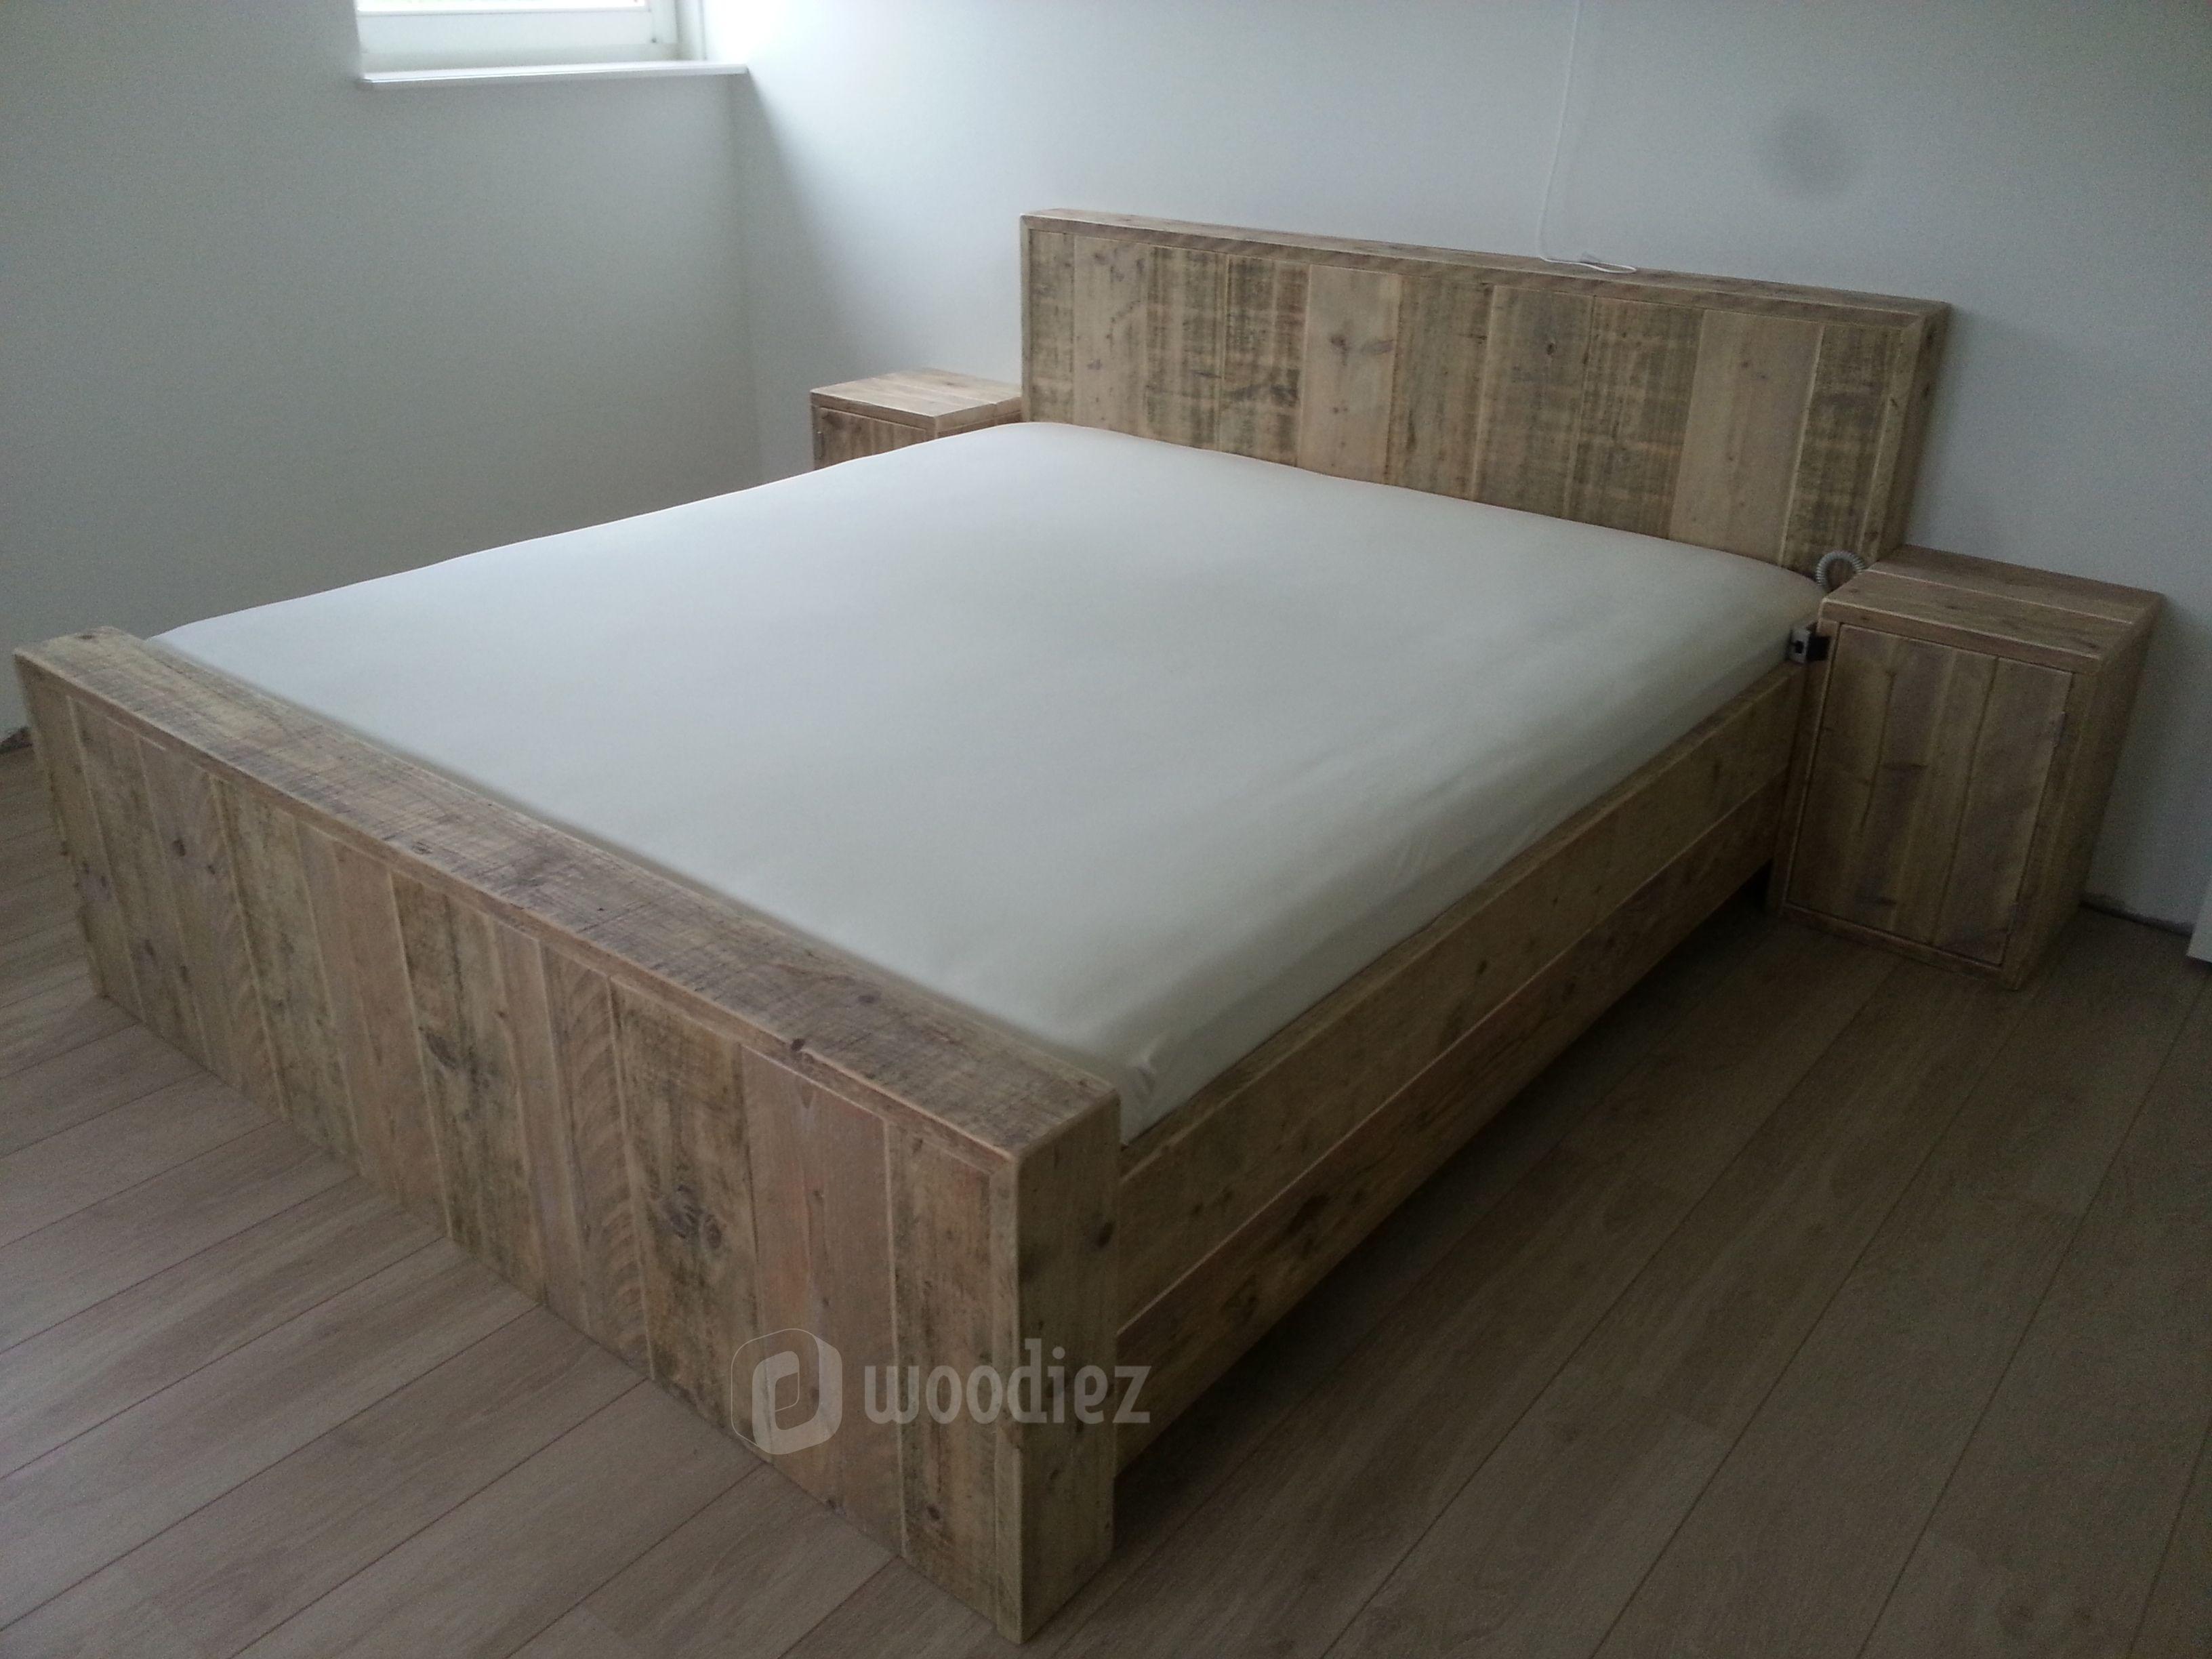 Steigerhouten meubels op maat gemaakt kopen in 2019